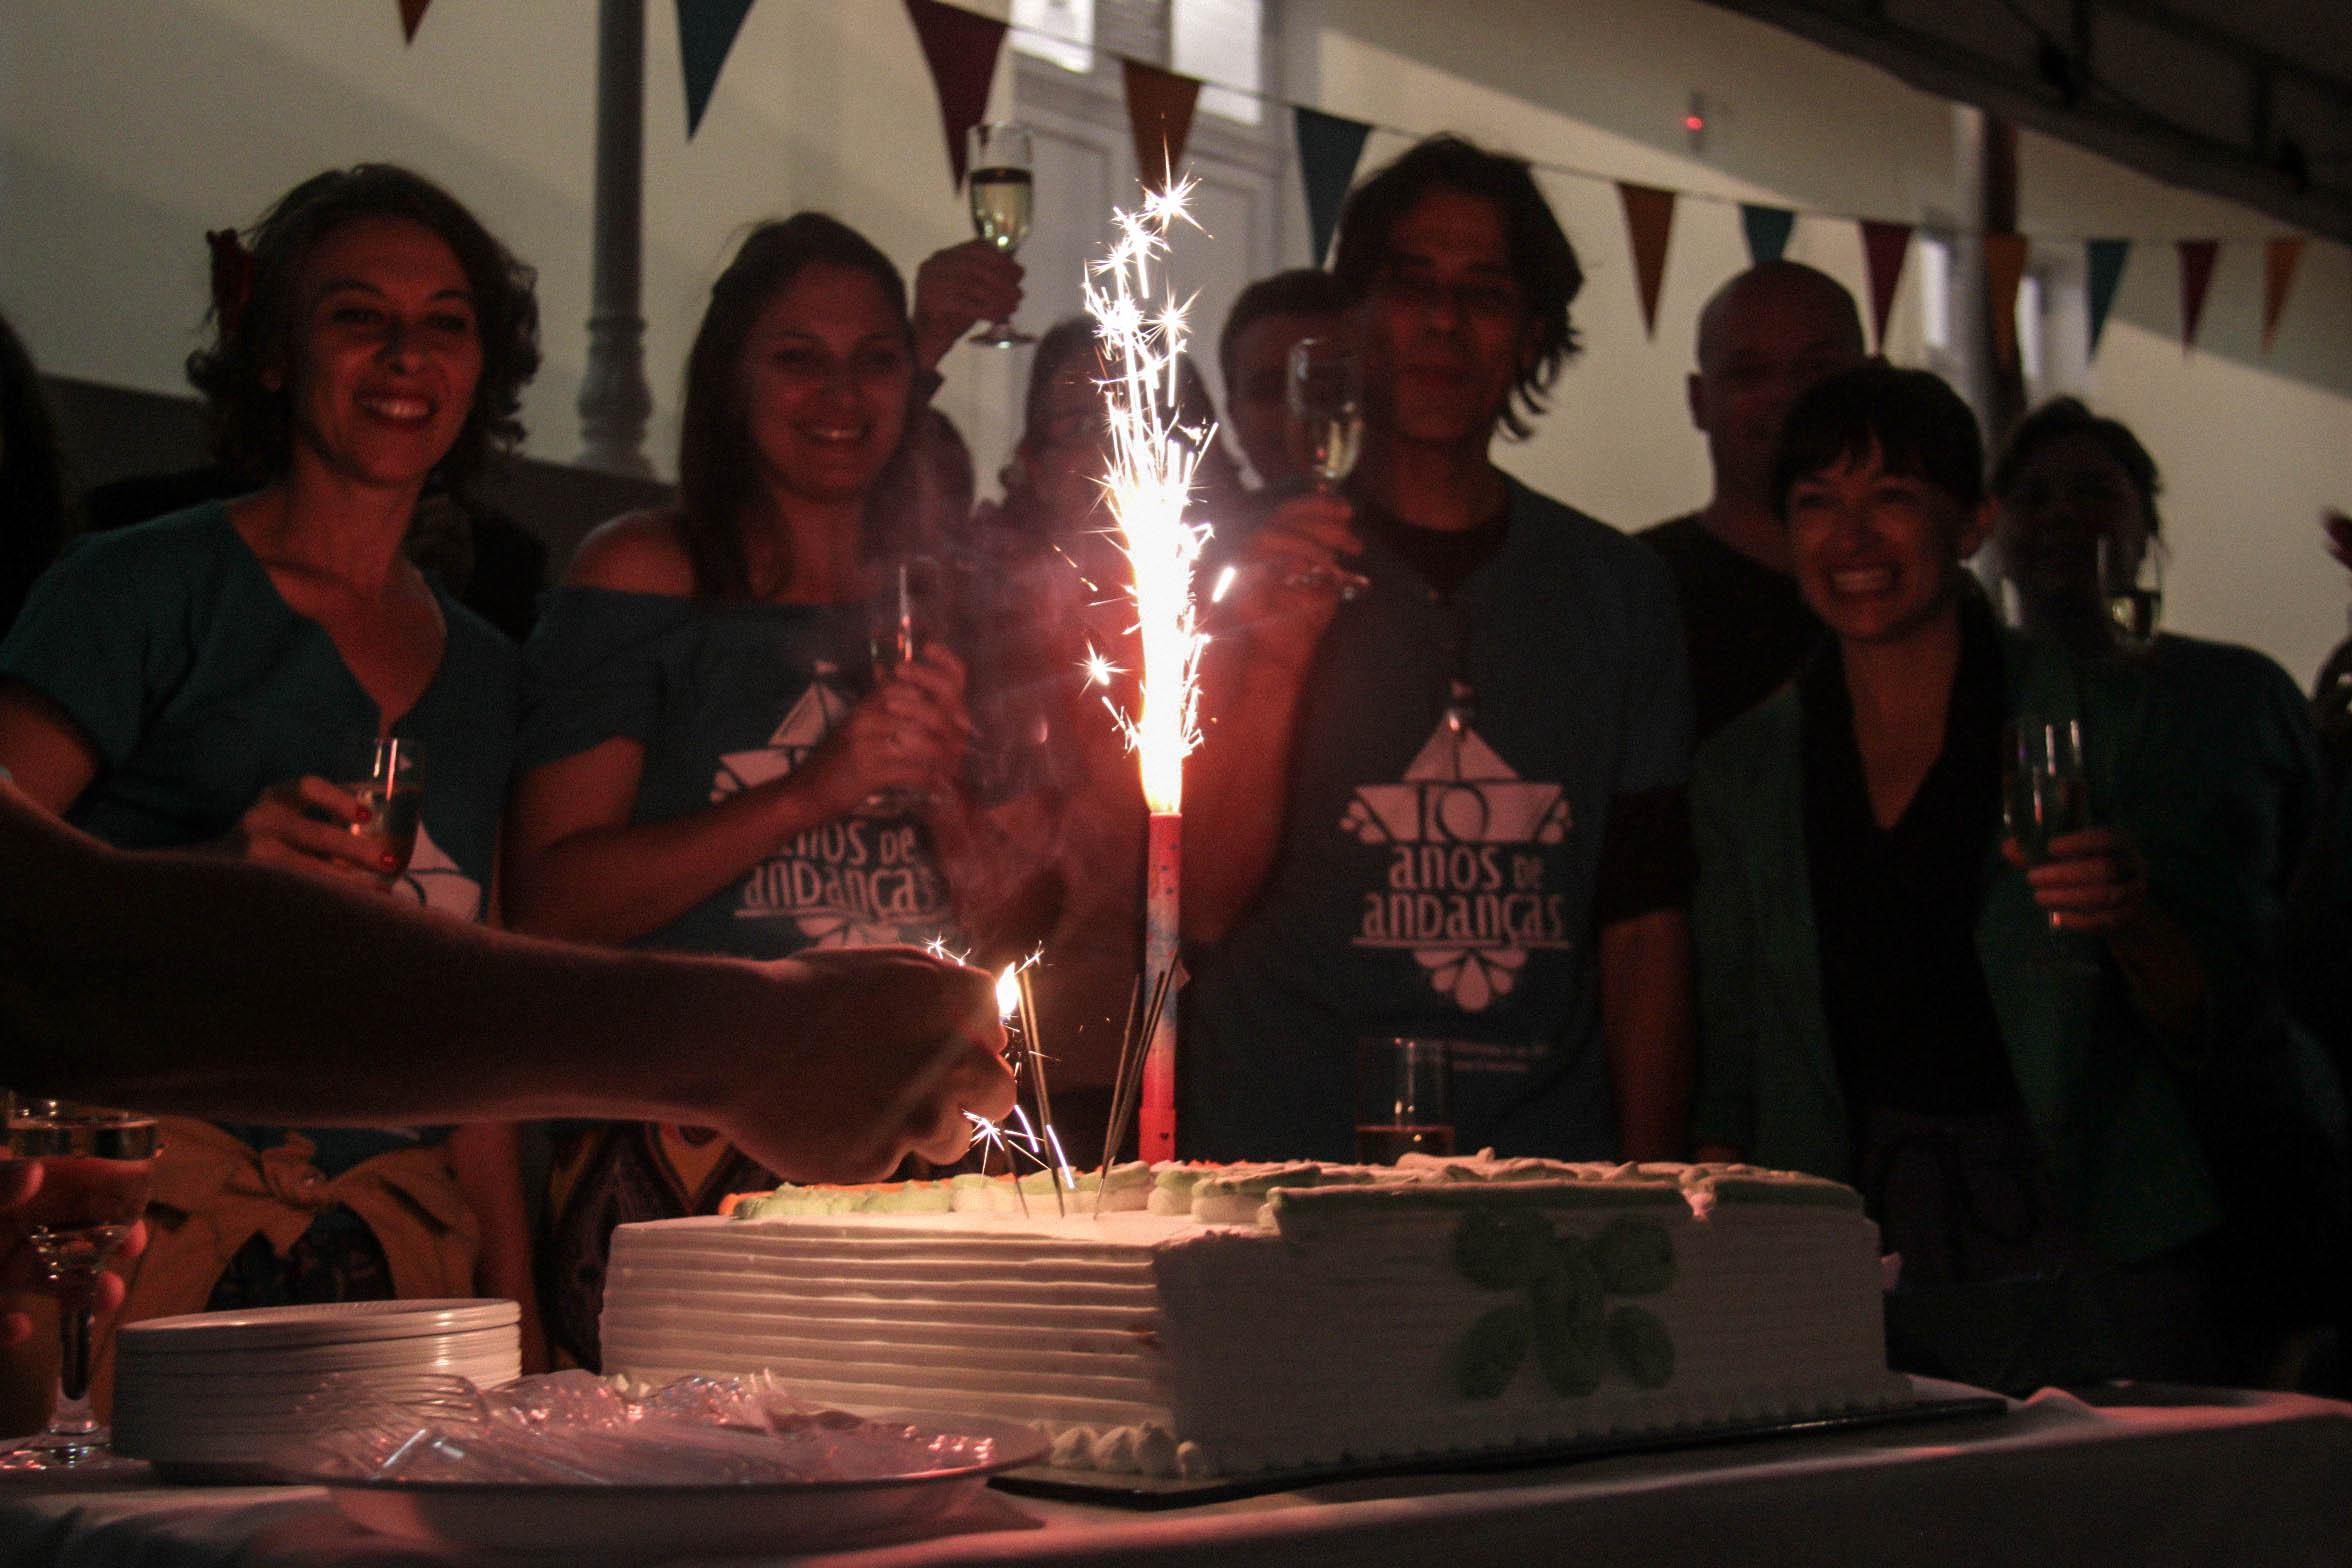 Cia Andante — 10 Anos de Andança